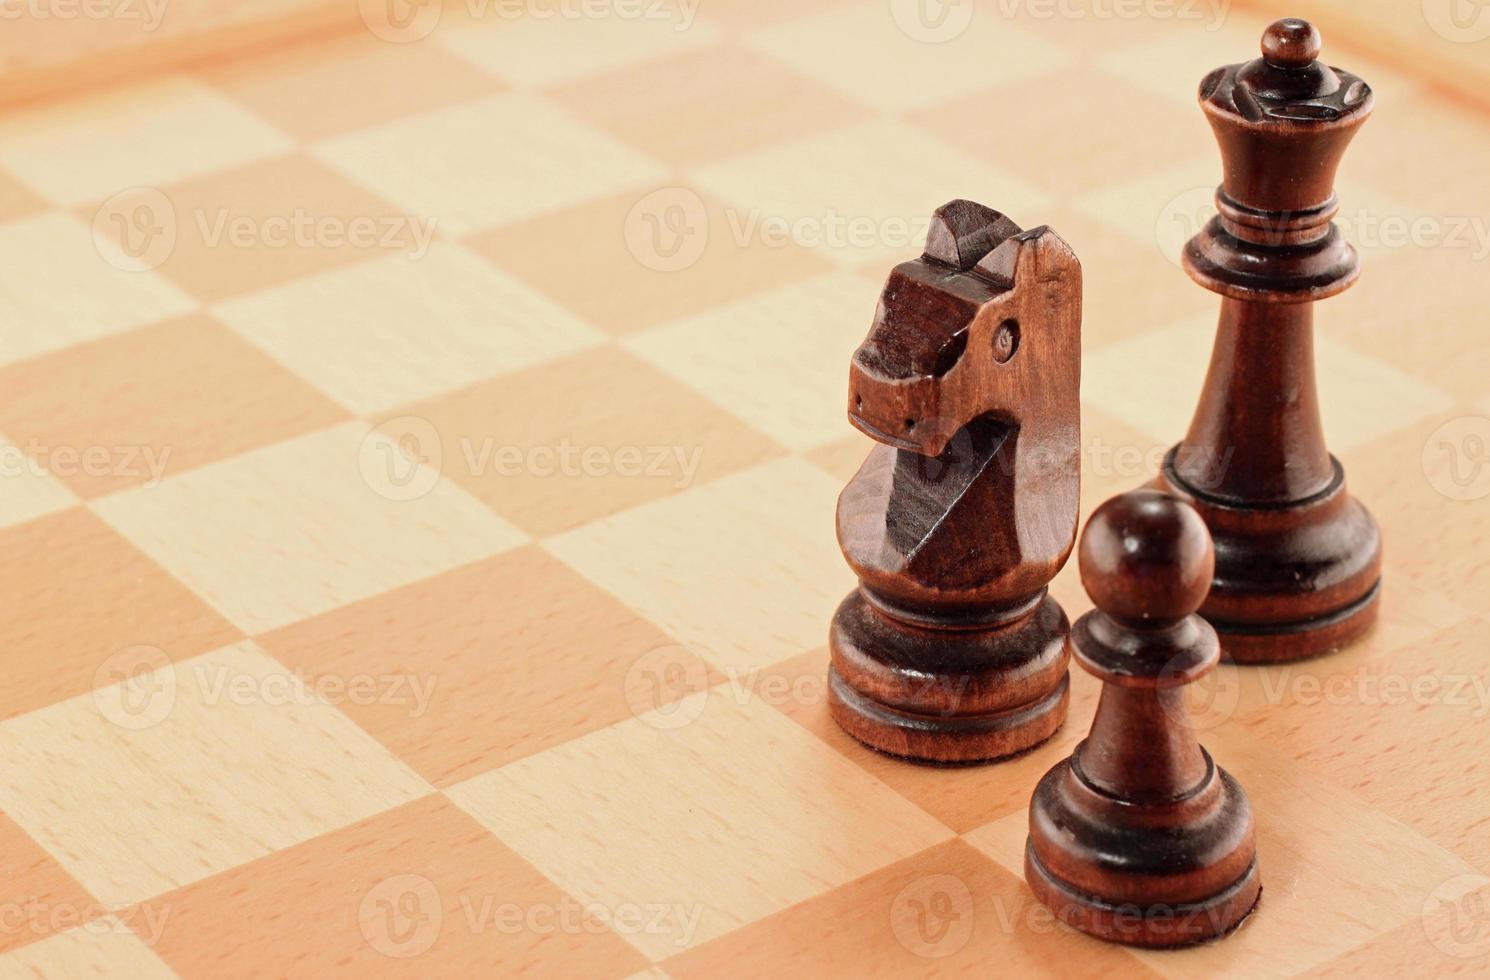 tres piezas de ajedrez de madera en un tablero de ajedrez foto